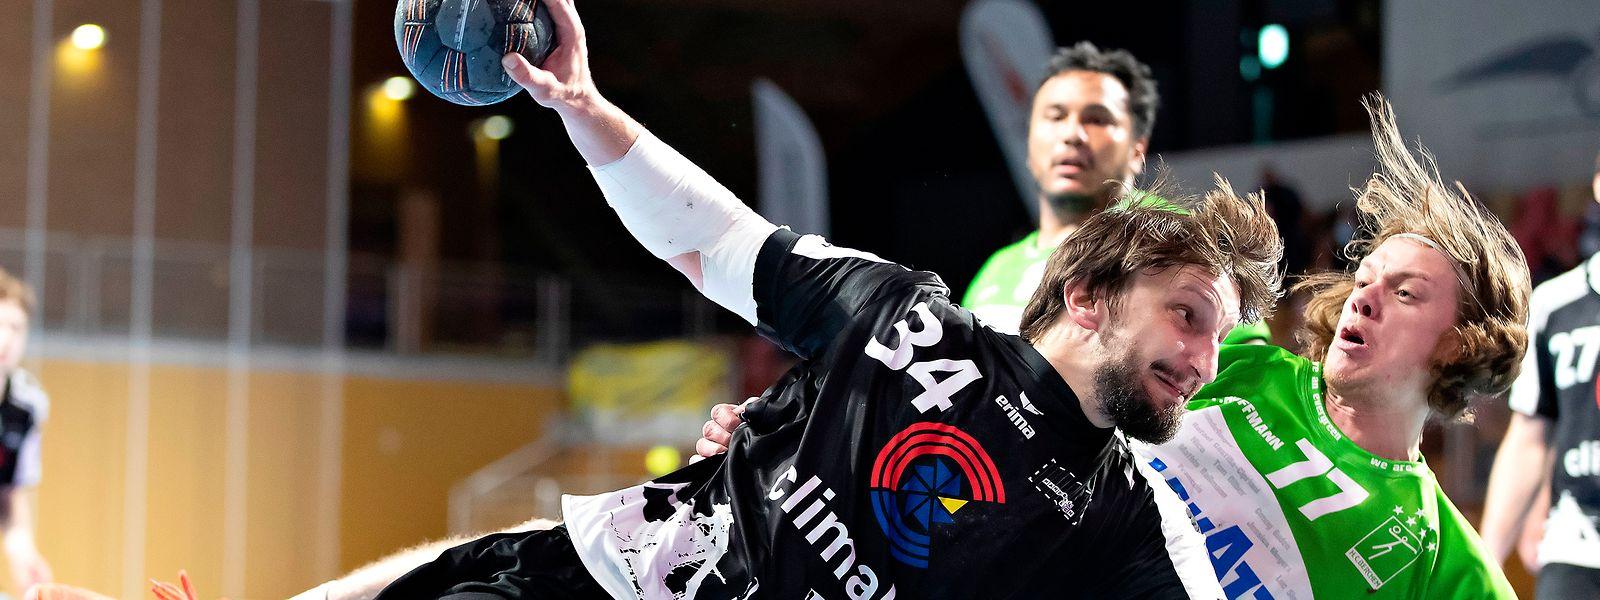 Miha Pucnik (v.) und Yann Hoffmann können erneut ihre Kräfte messen.